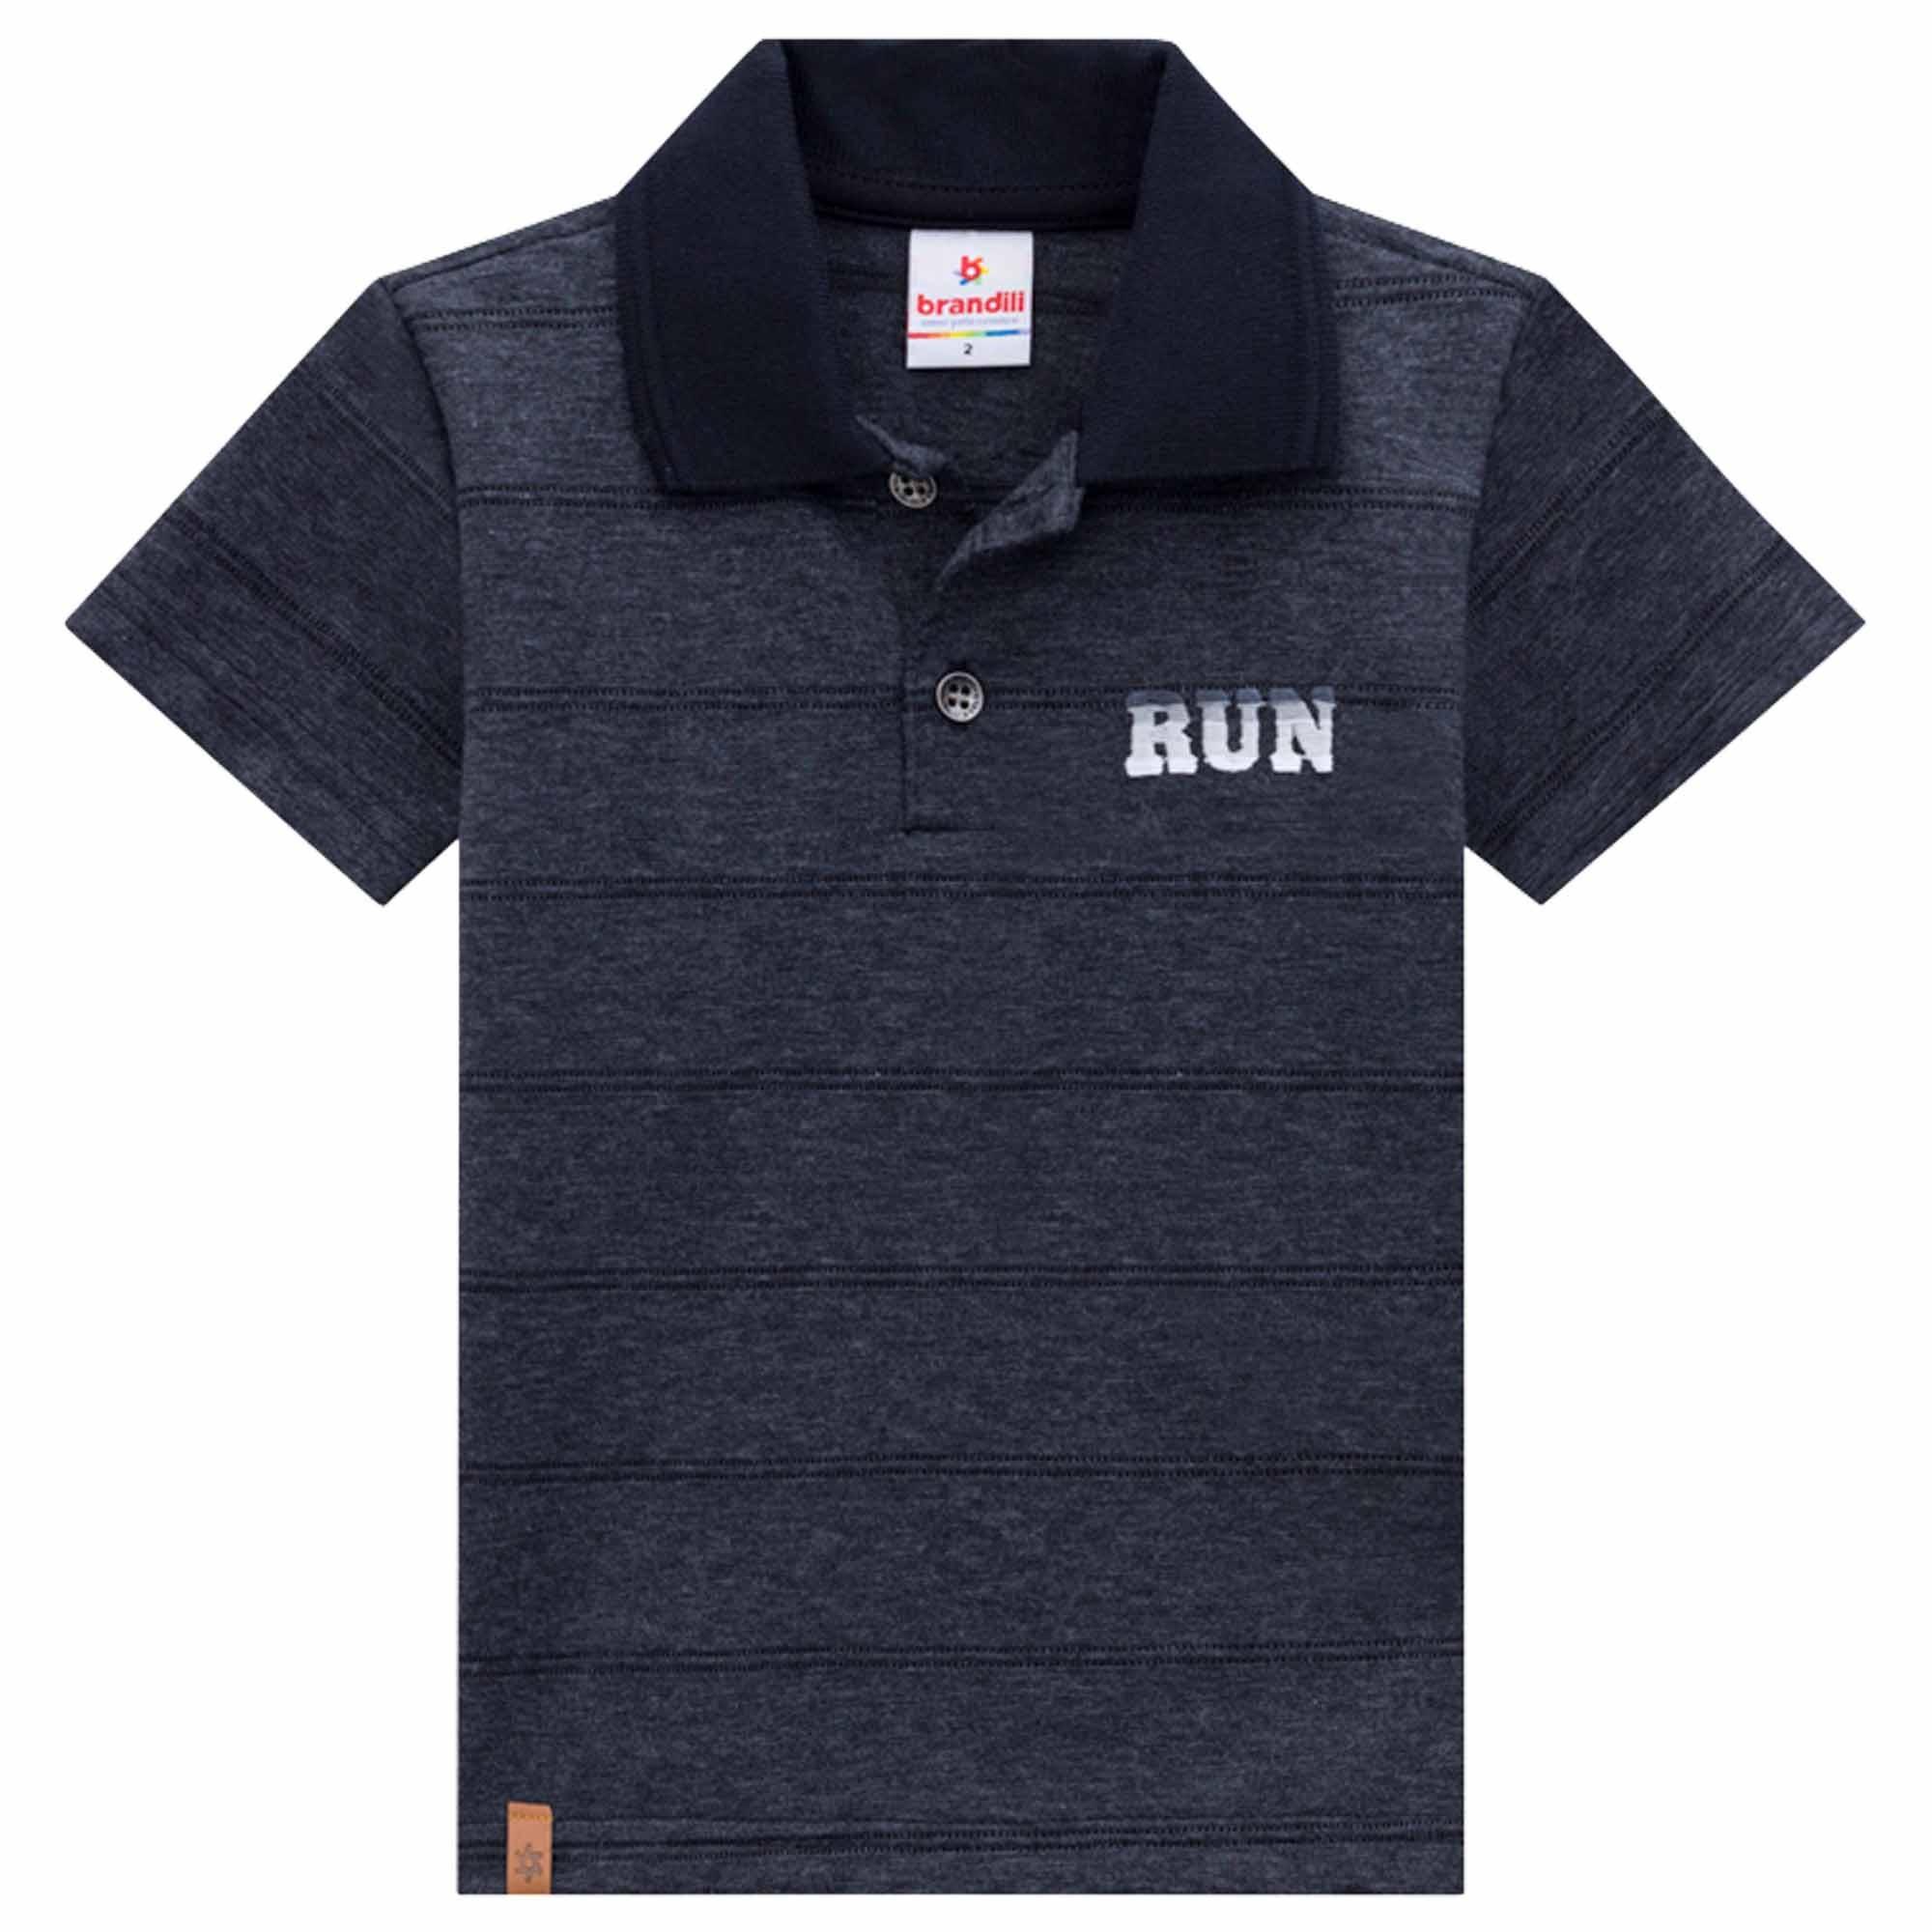 Camiseta Polo Meia Manga Brandili Run - 1 ao 3